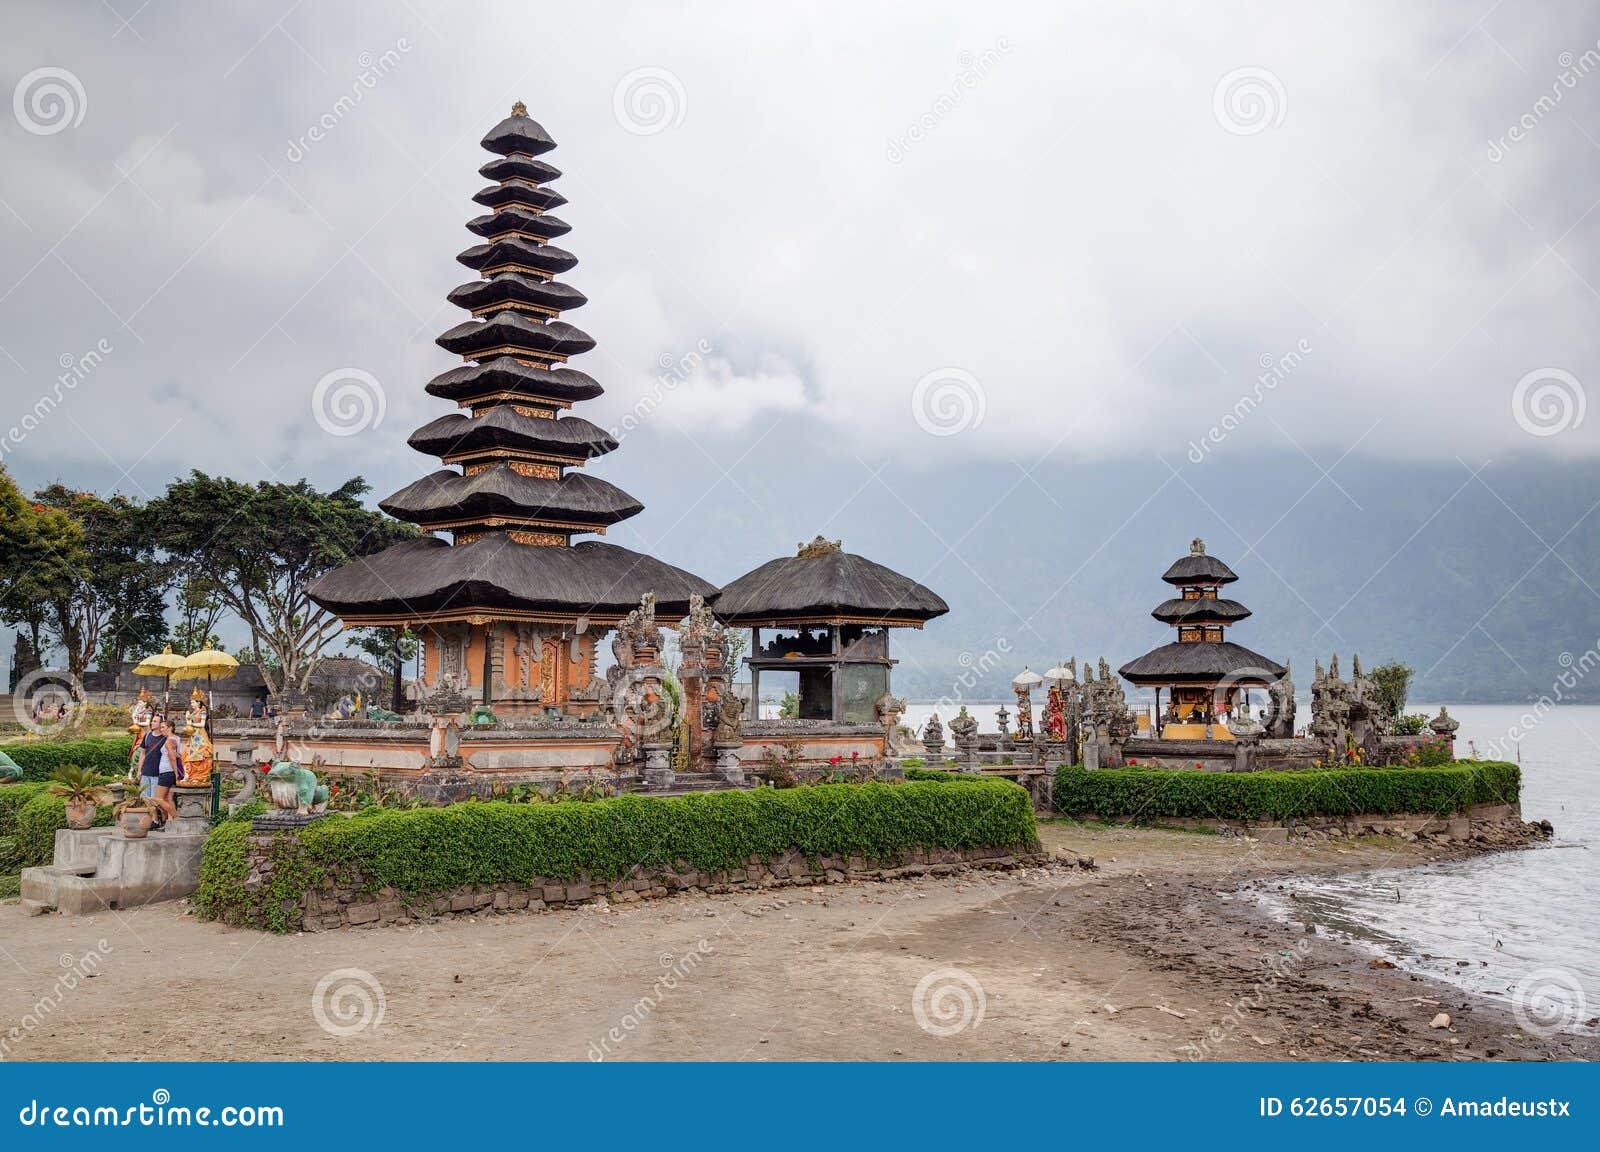 Tabanan, Bali/Indonesien - 09 25 2015: Pura Ulun Danu Bratan in Bali, Indonesien